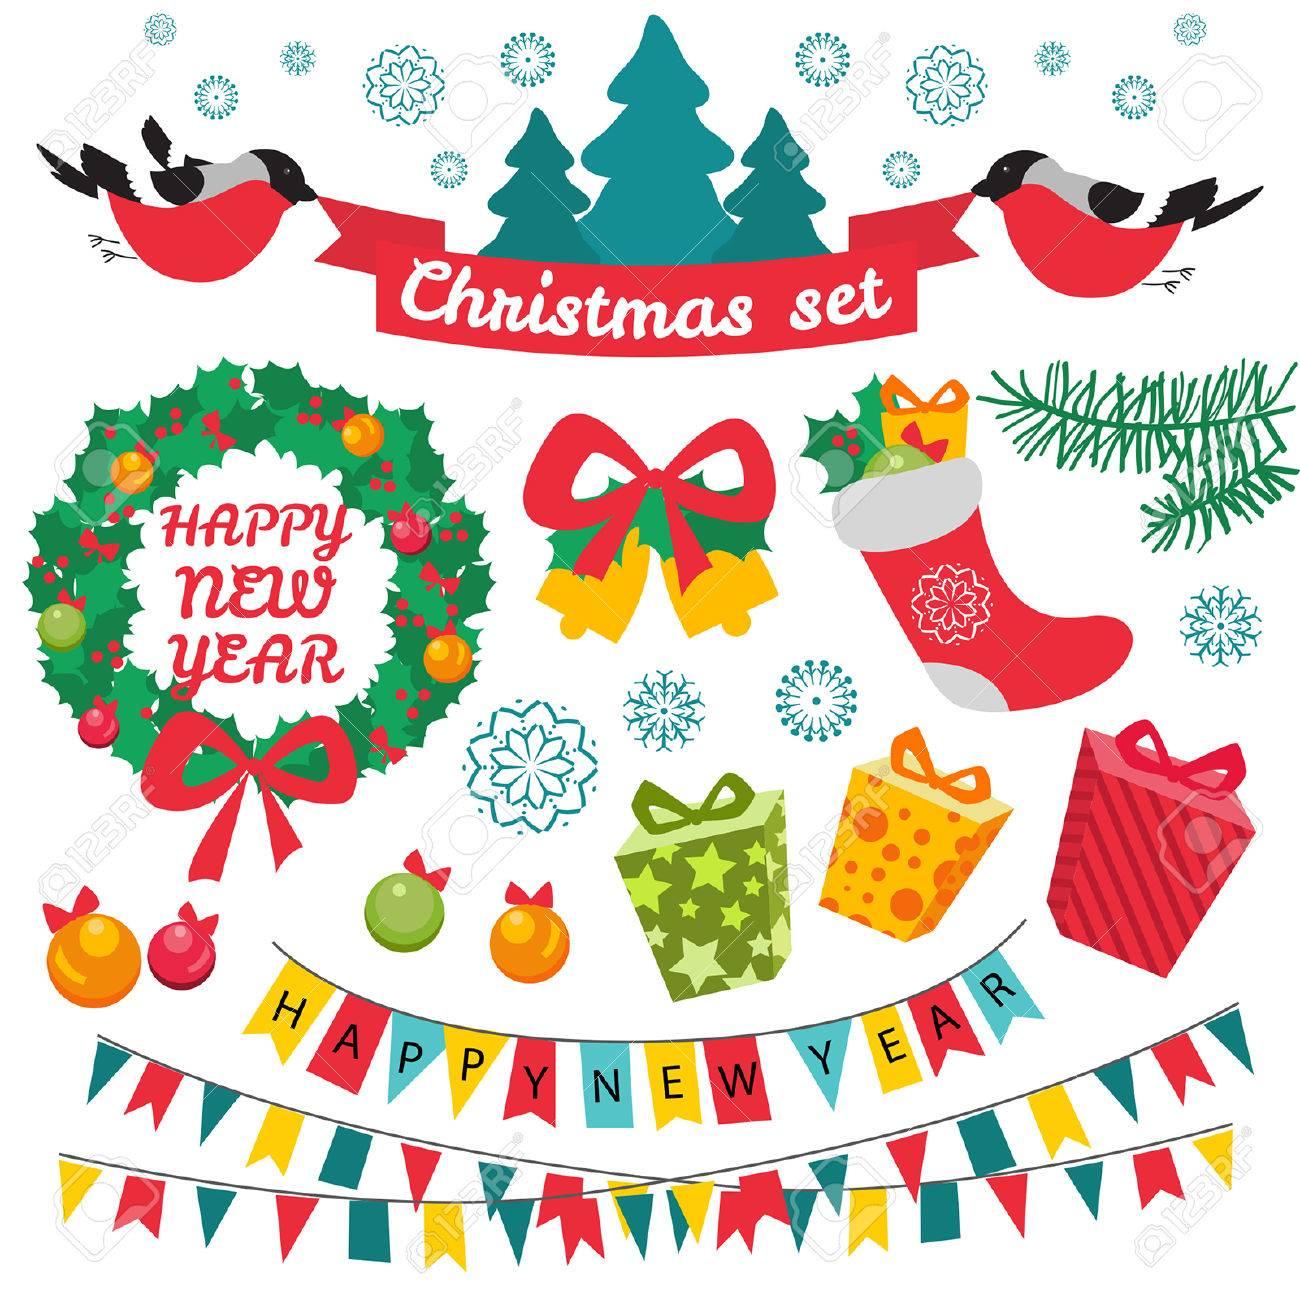 Immagini Di Natale Colorate.Set Di Caratteri Di Natale Colorate E Decorazioni Stile Retro Vintage Vector Background